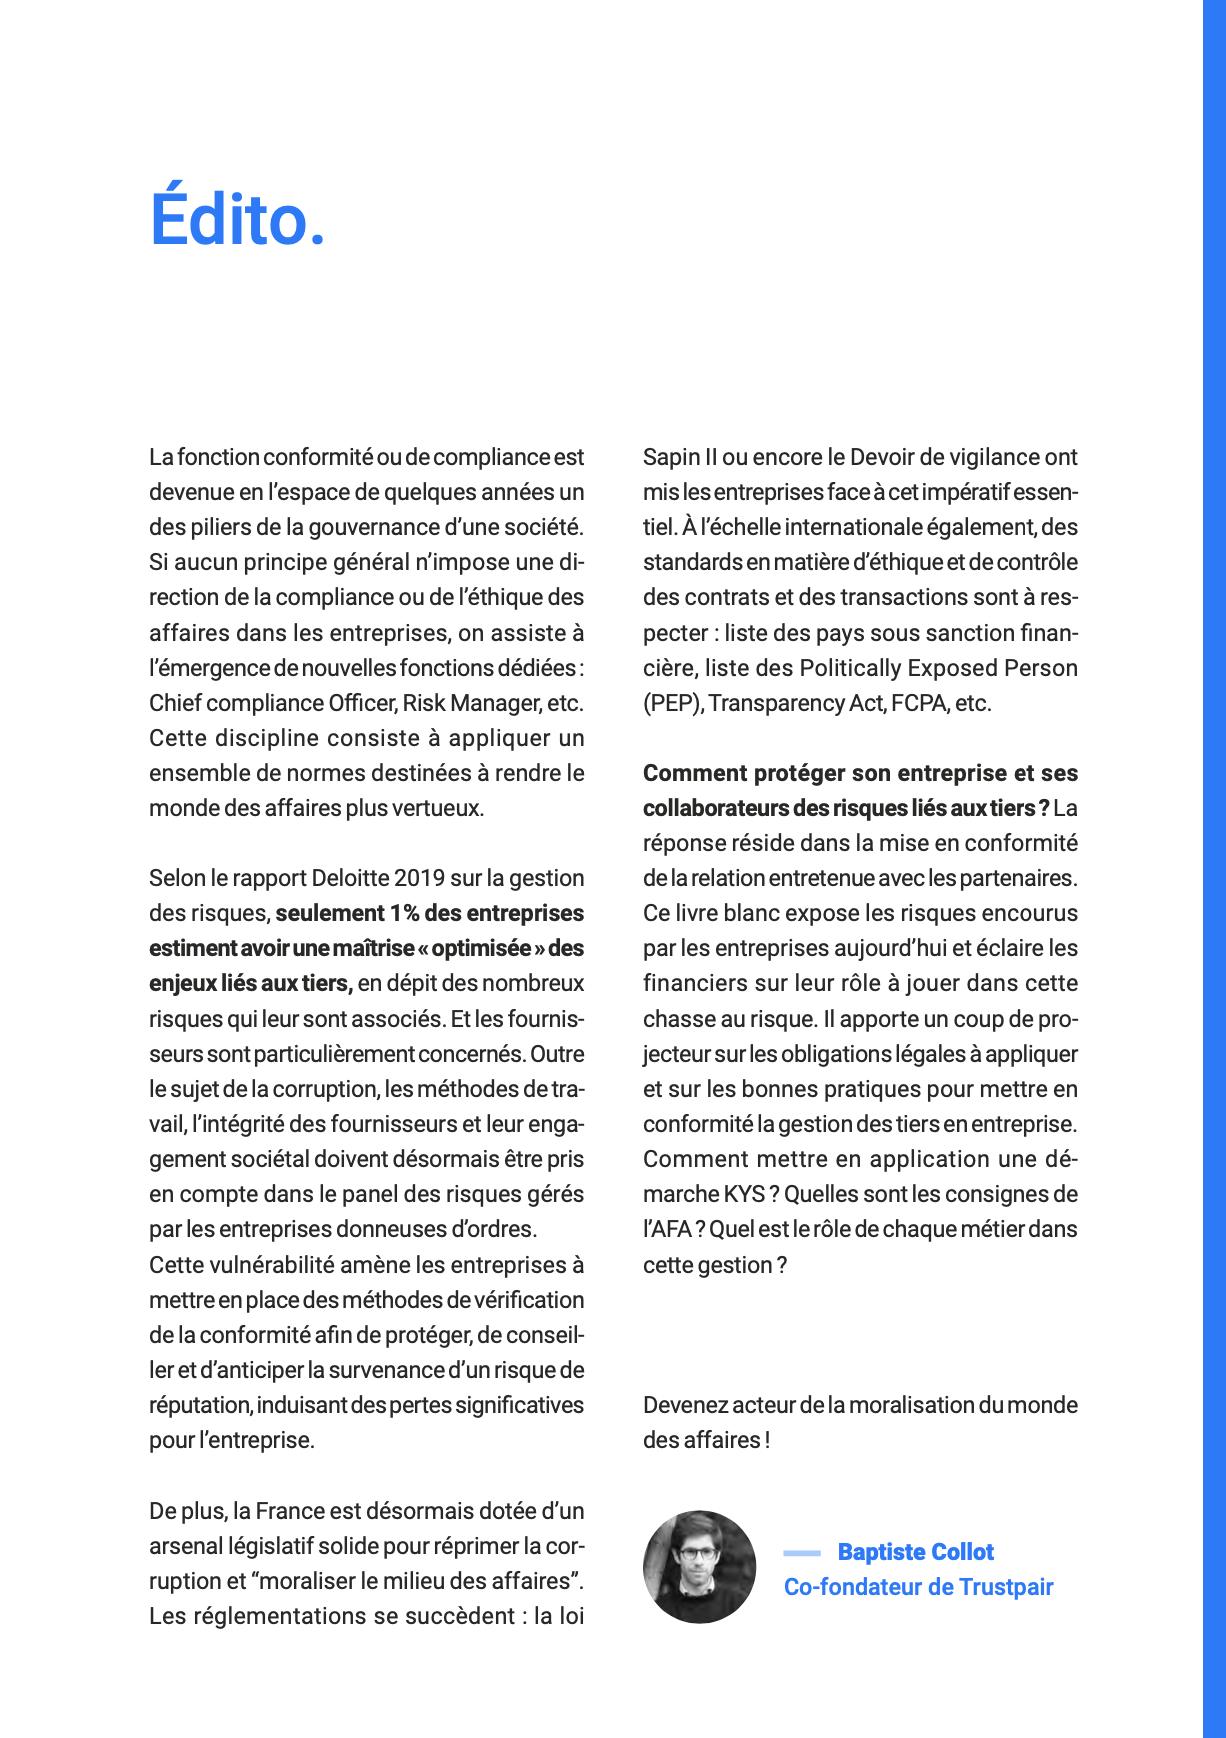 Edito Livre Blanc Gestion des tiers et conformité